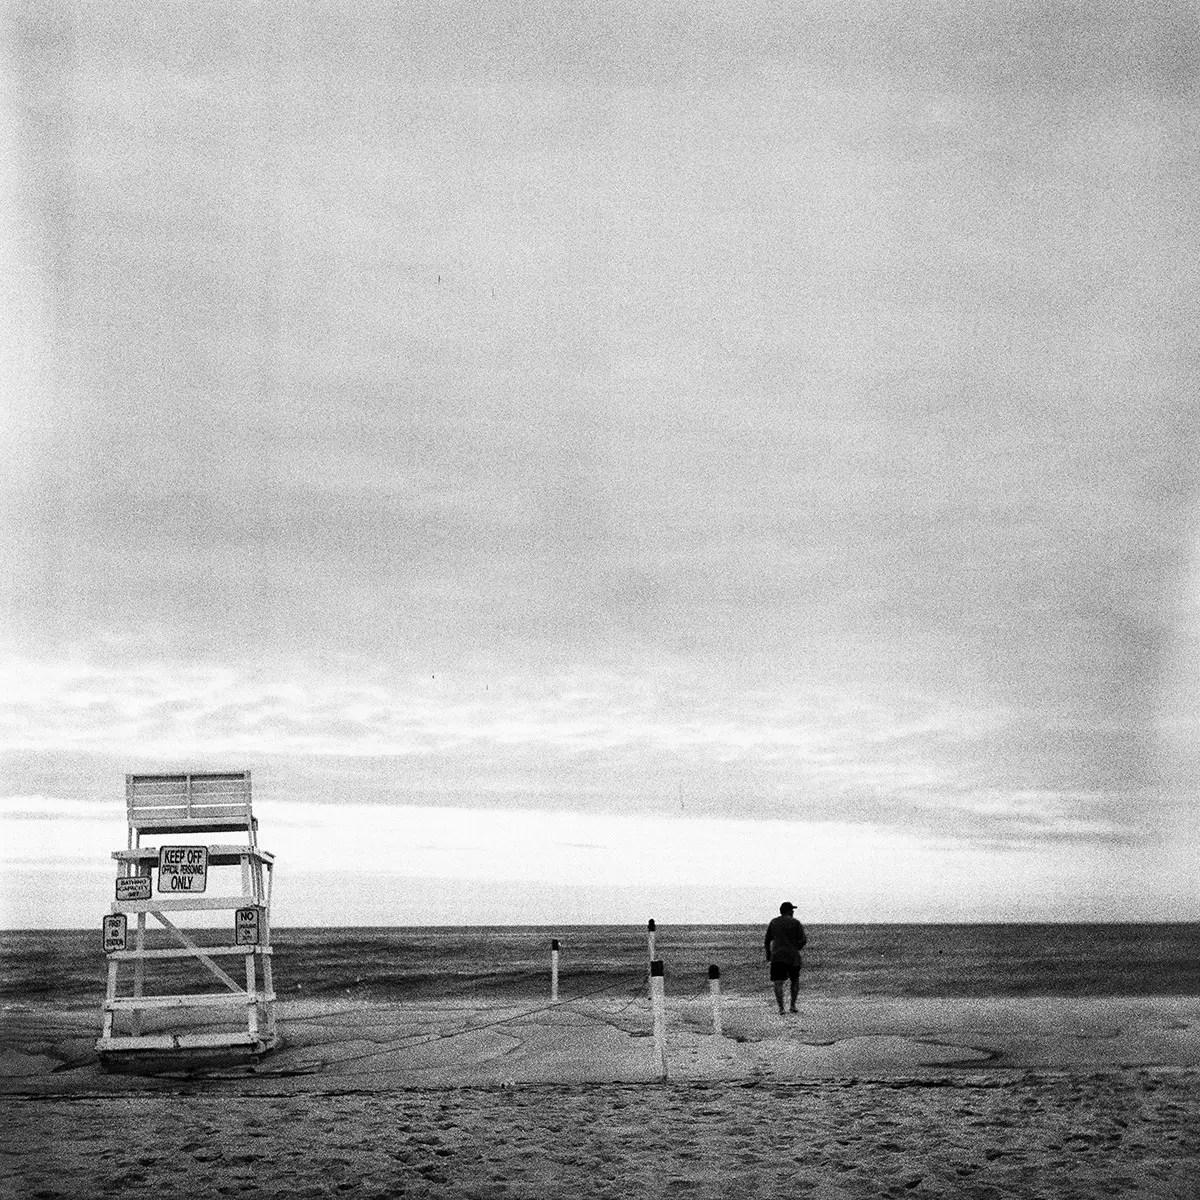 5 Frames With... Kodak Tri-X 320 (120 / EI 320 / Rolleiflex Automat 6x6 Model 2 K4B) - by Christopher Massa